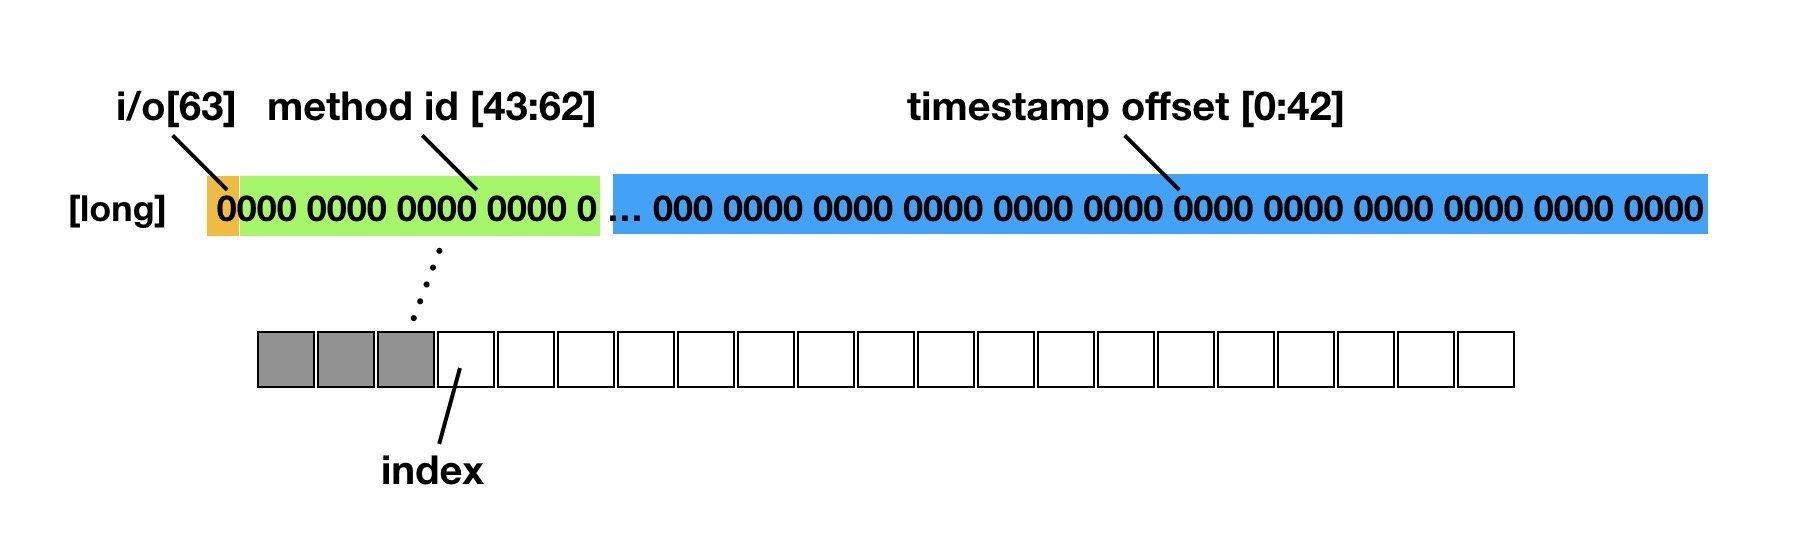 【Android】Matrix 源码阅读笔记